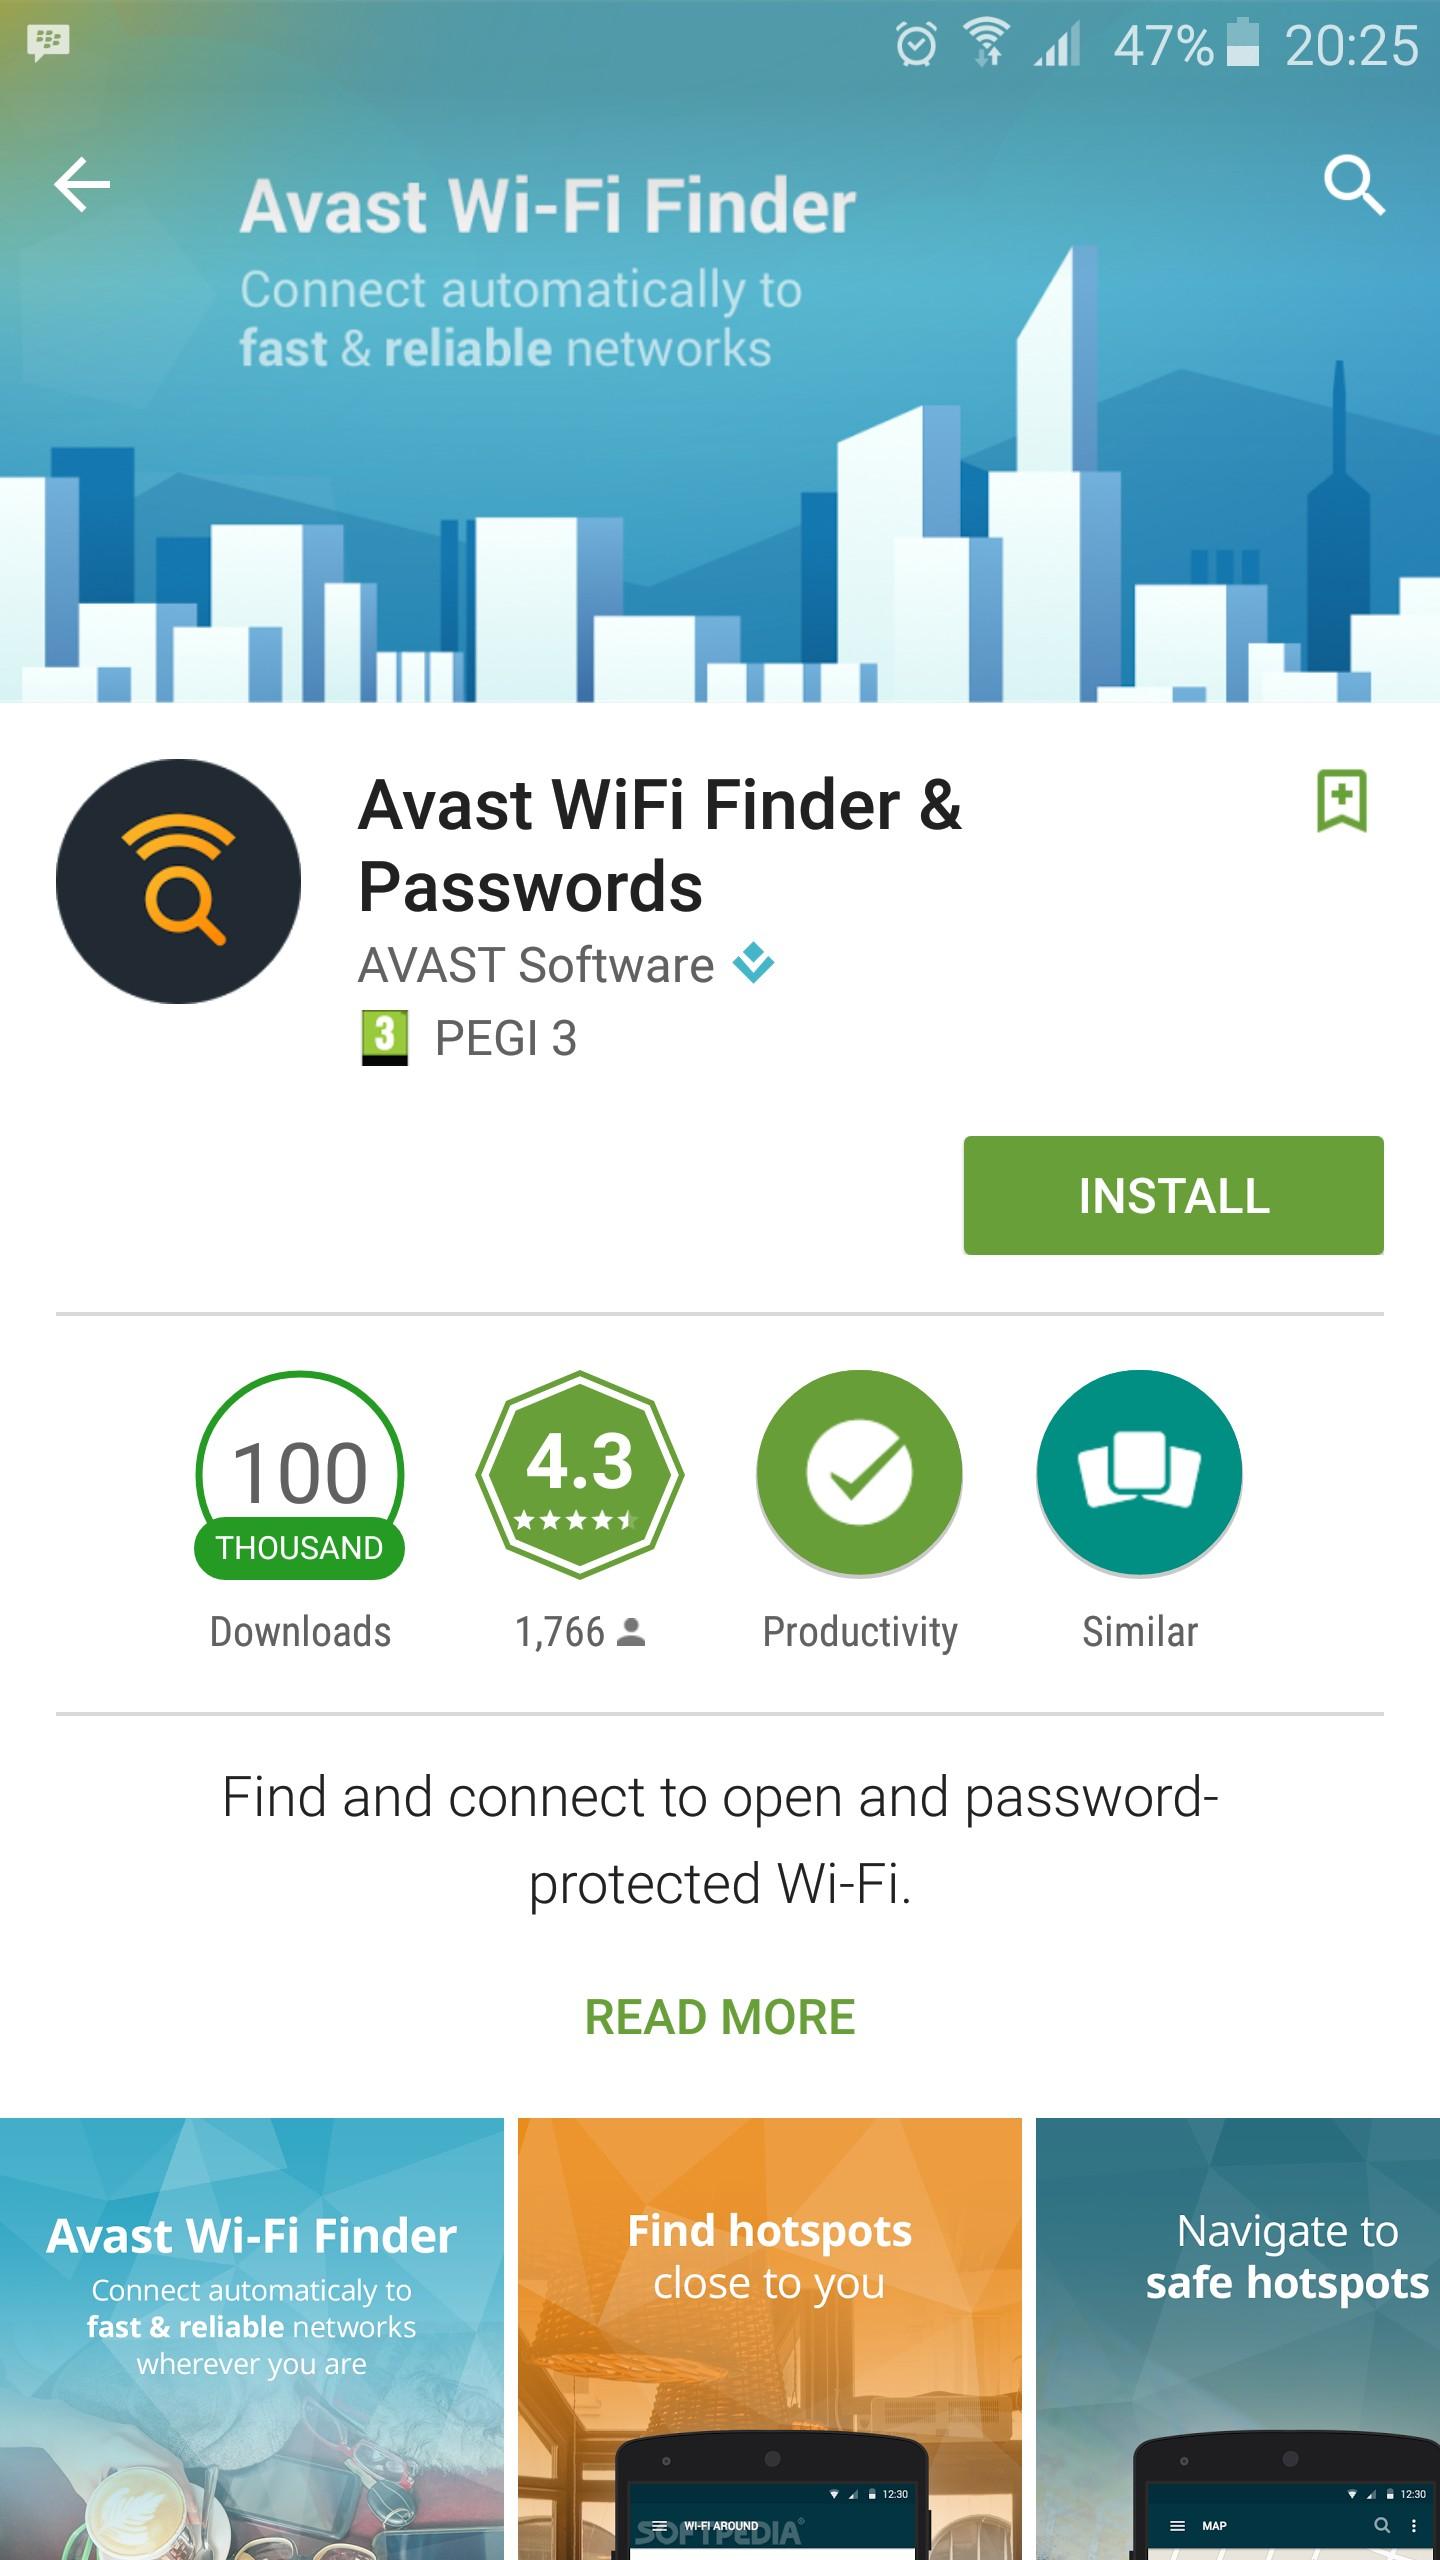 Avast Wlan Finder